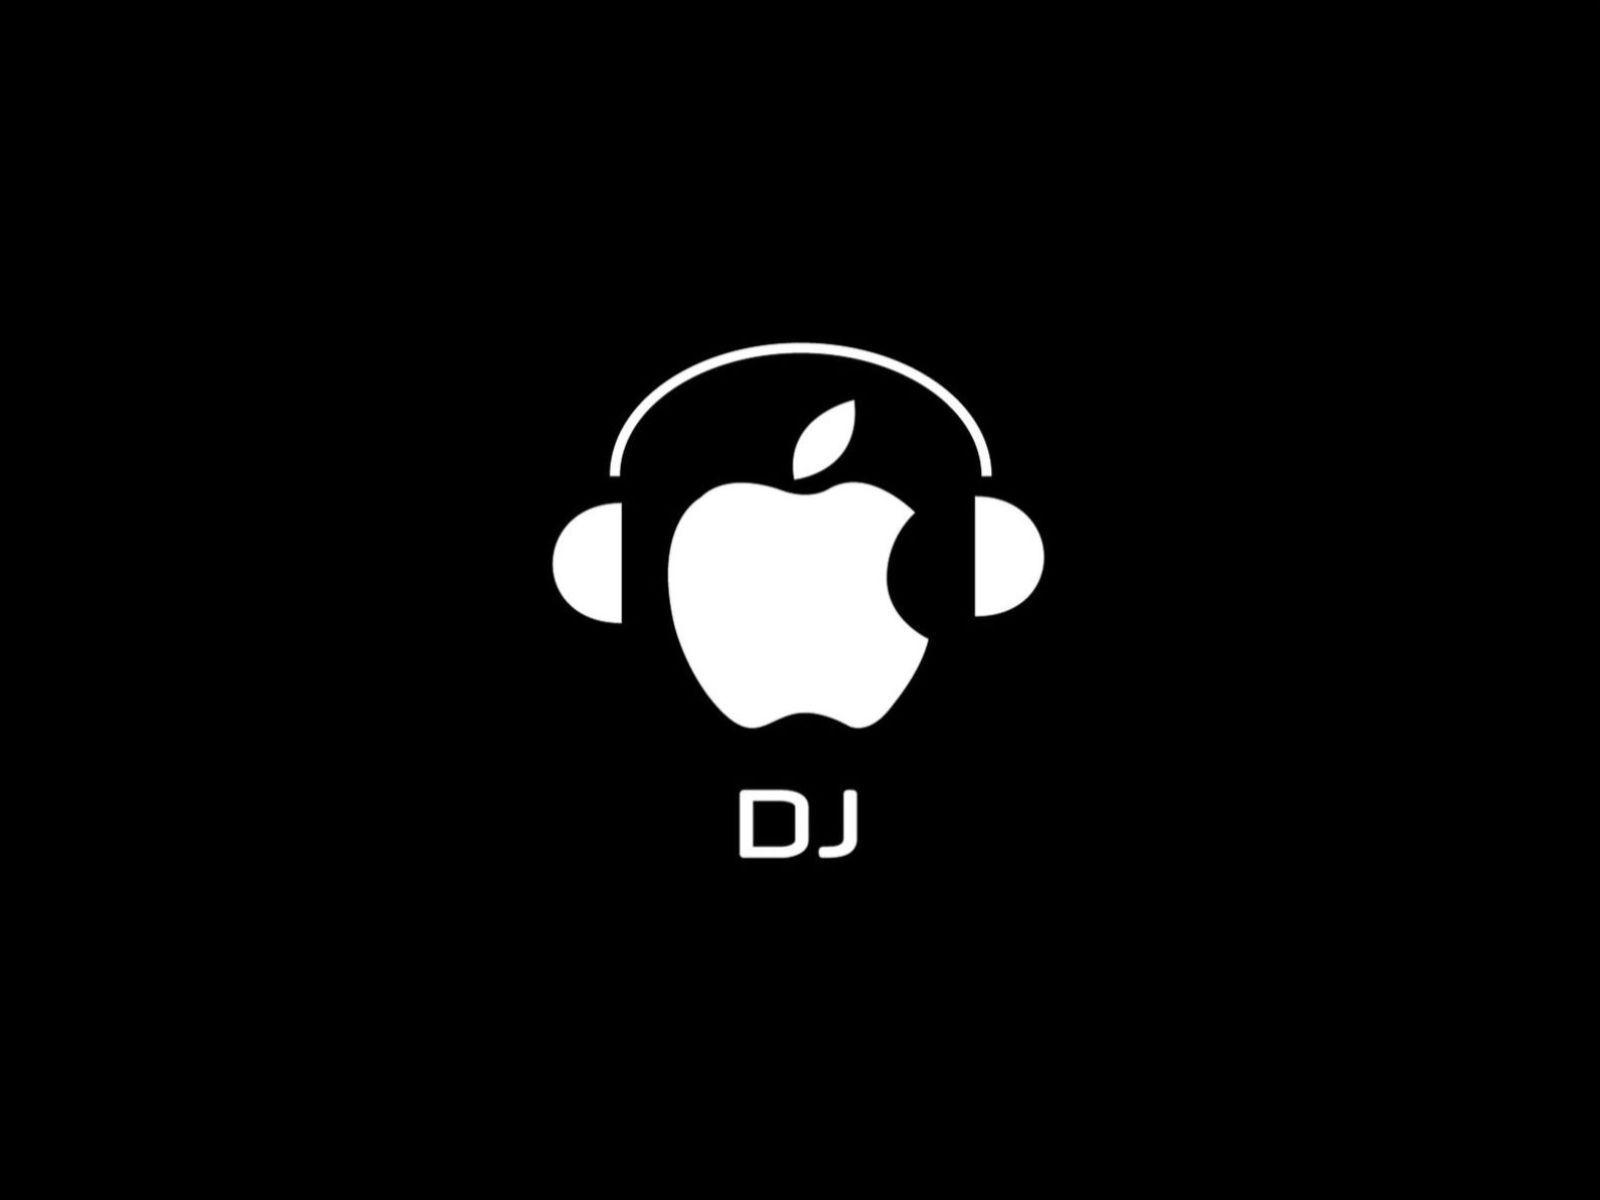 2136 Hintergrundbild herunterladen Apple-, Musik, Marken, Logos - Bildschirmschoner und Bilder kostenlos